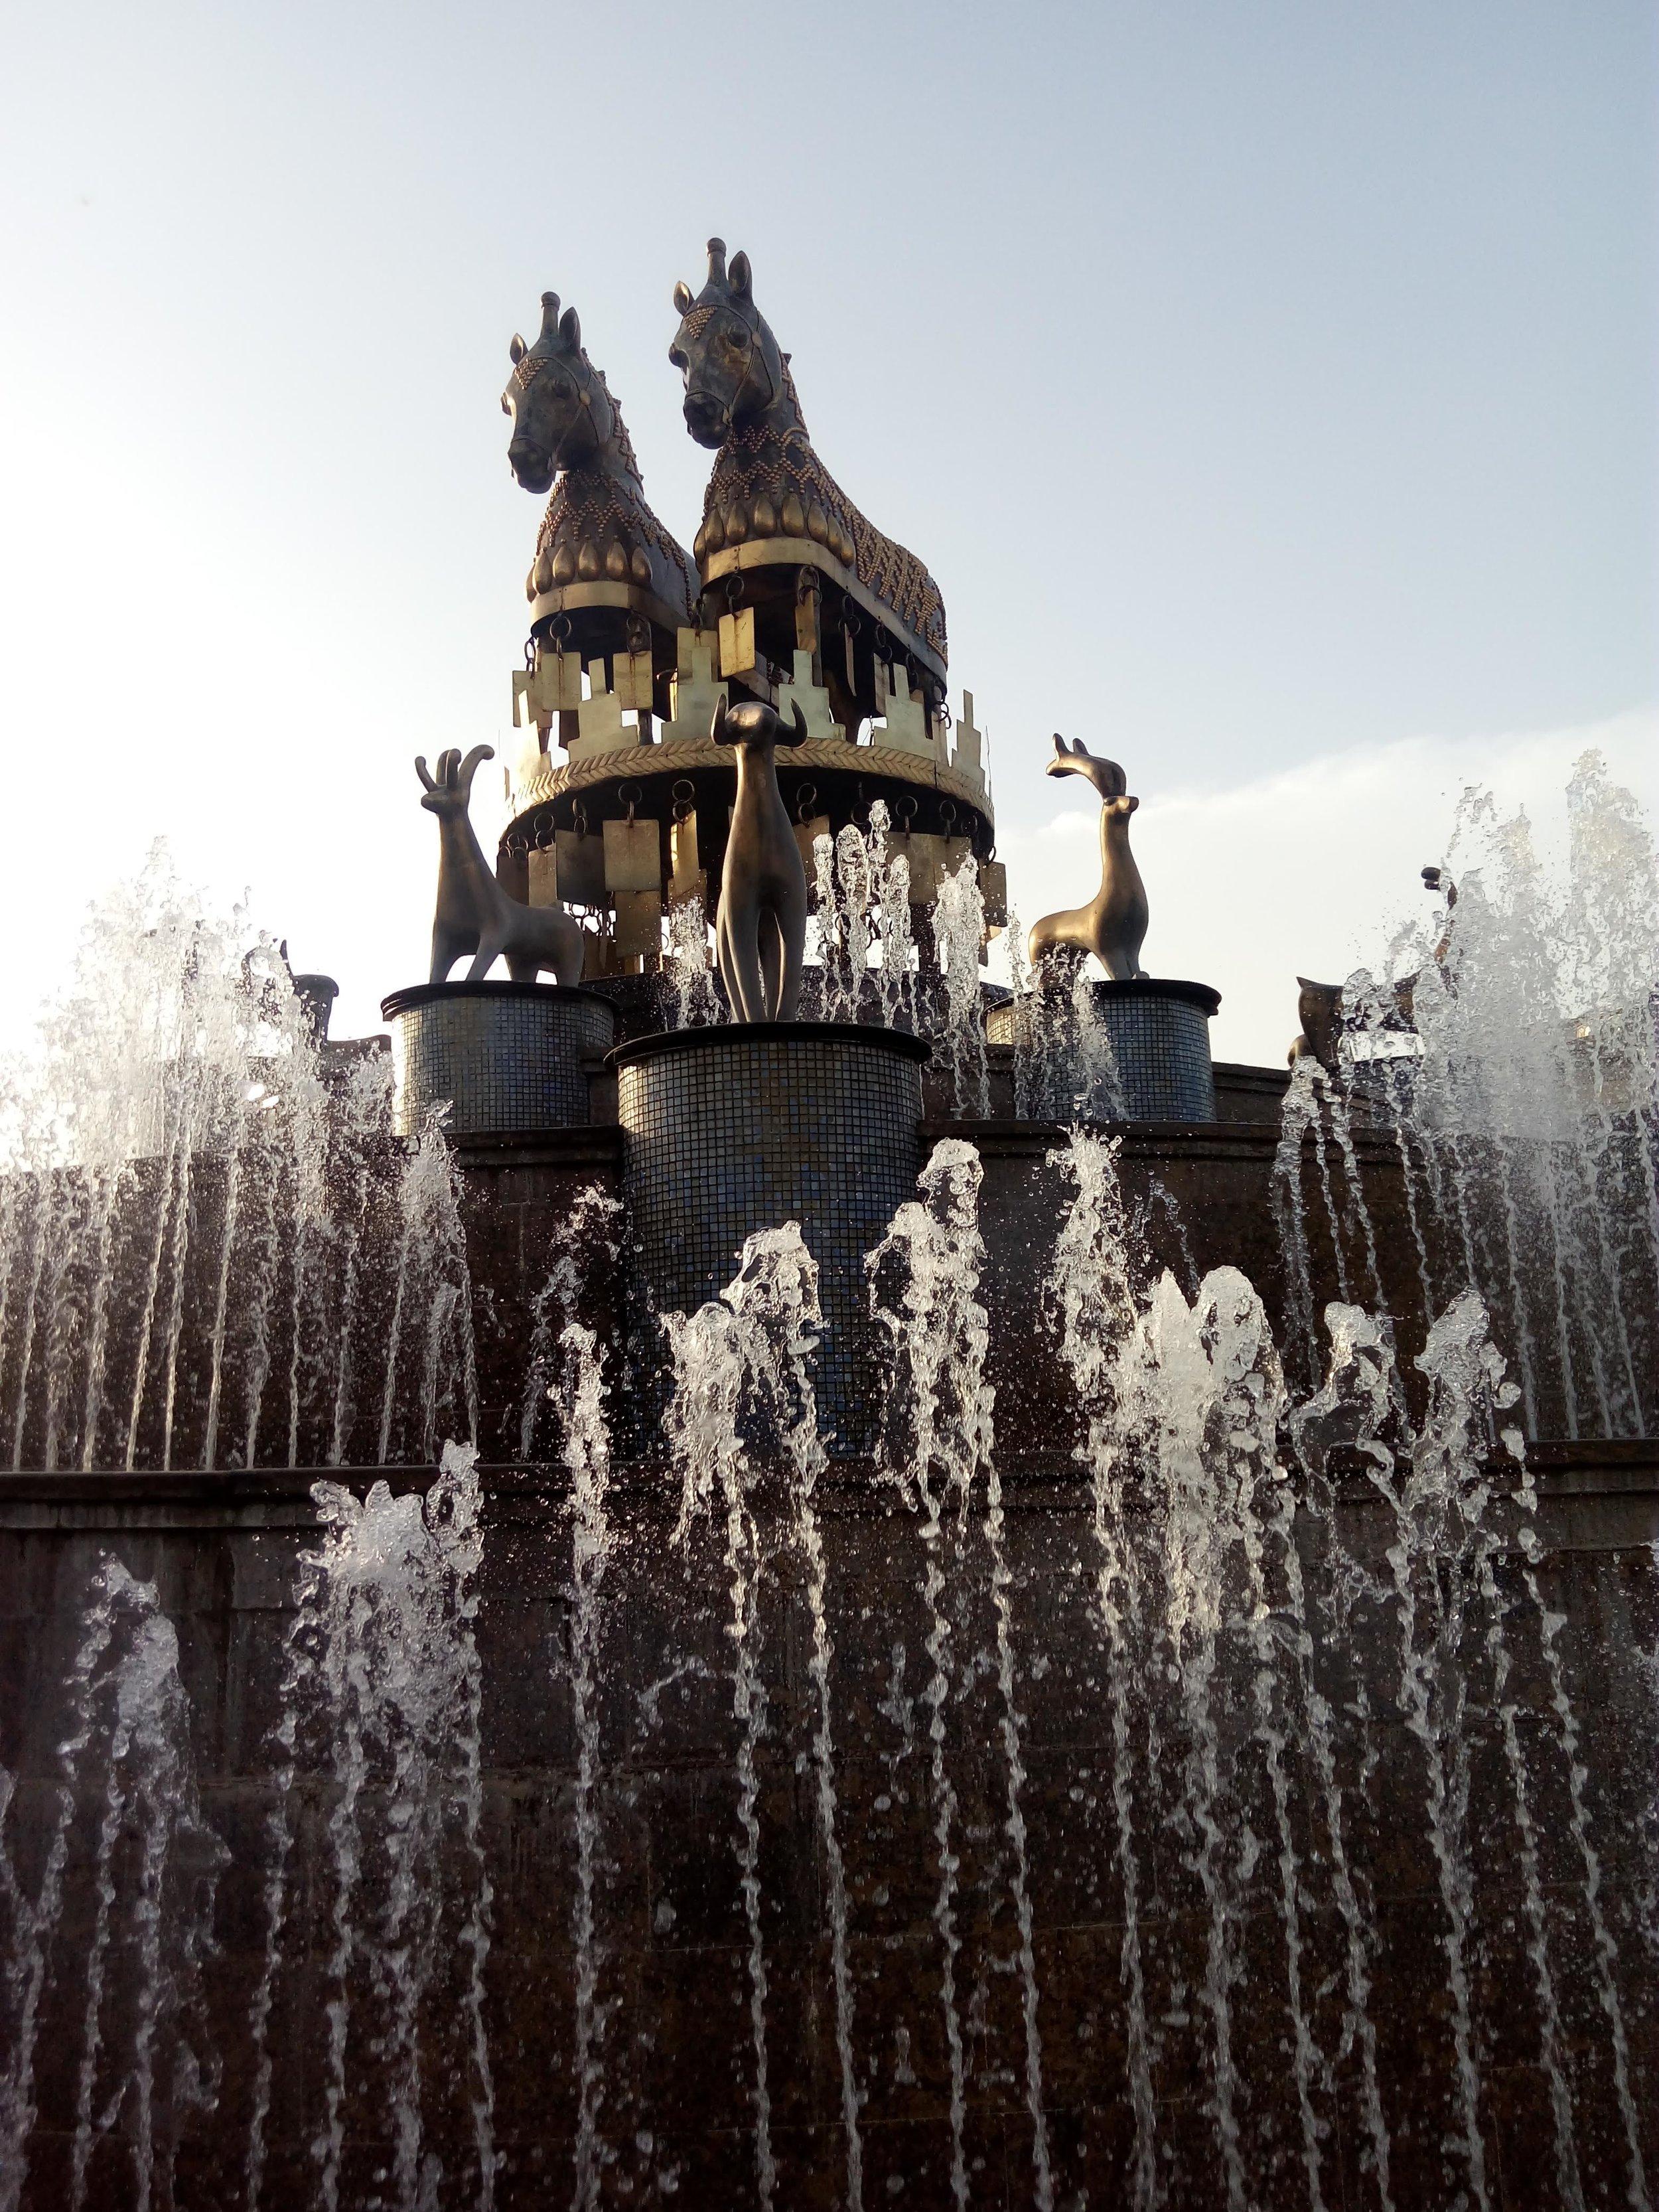 Явление ТРЕТЬЕ: фонтан на площади Агмашенебели. Ему мы посвятим отдельную публикацию